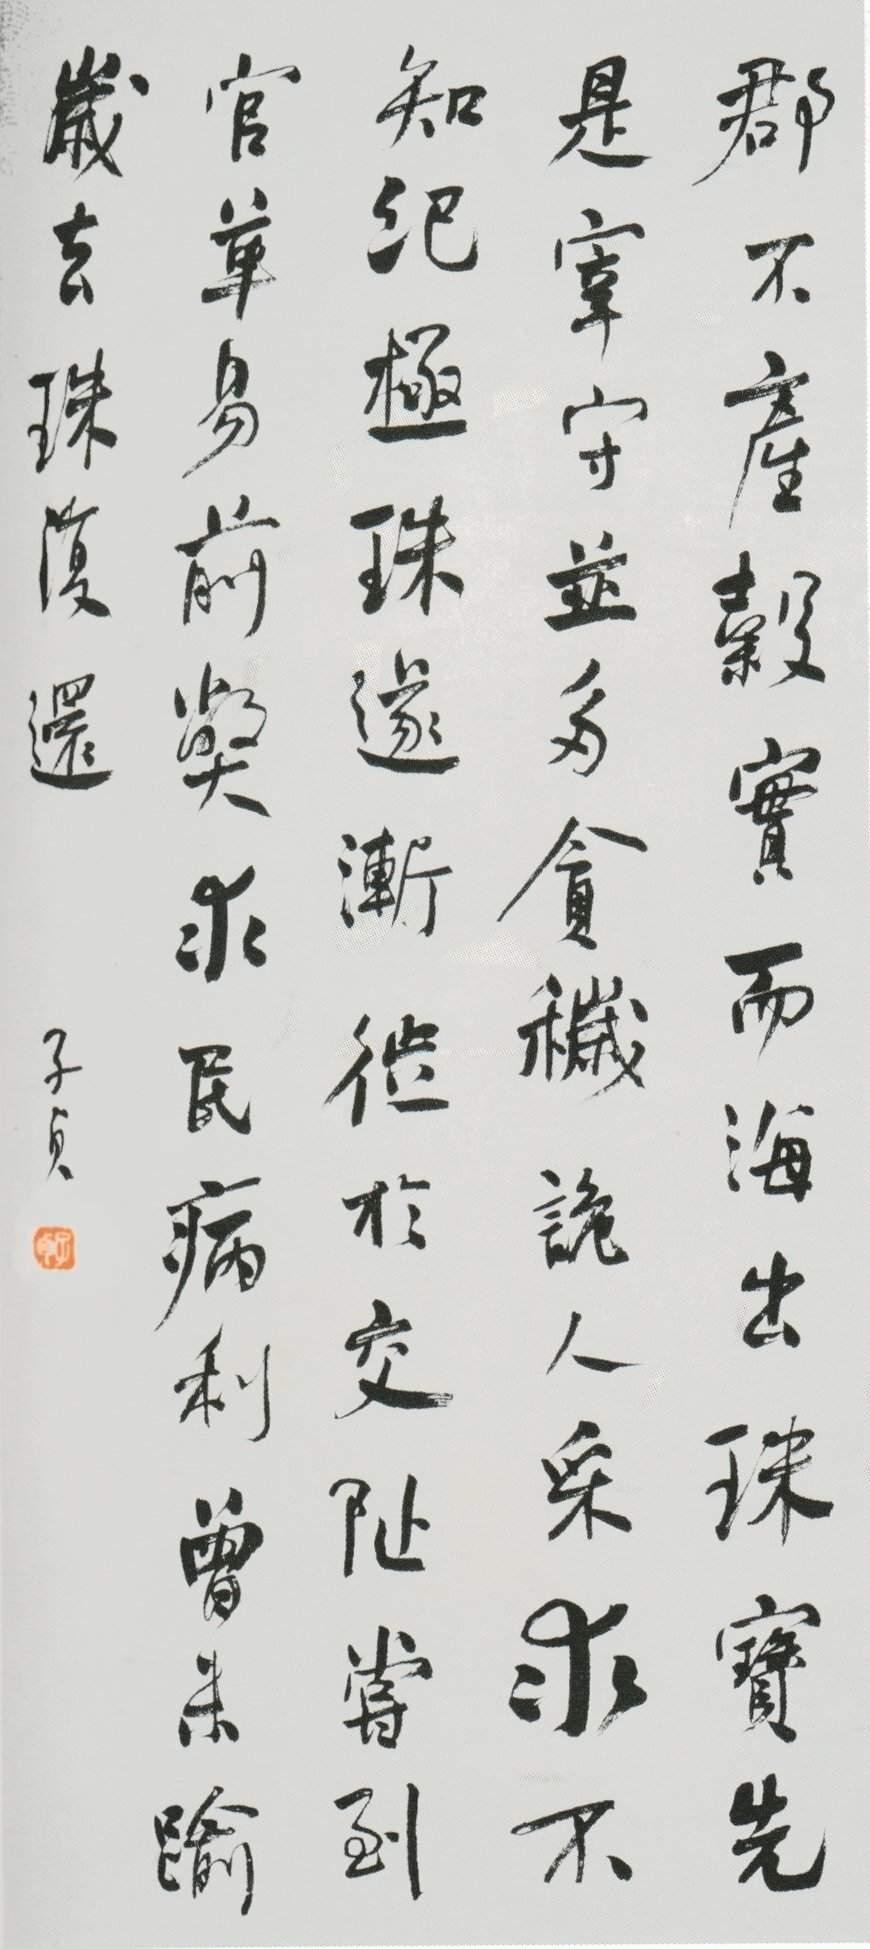 何绍基《立轴》 - 老排长 - 老排长(6660409)